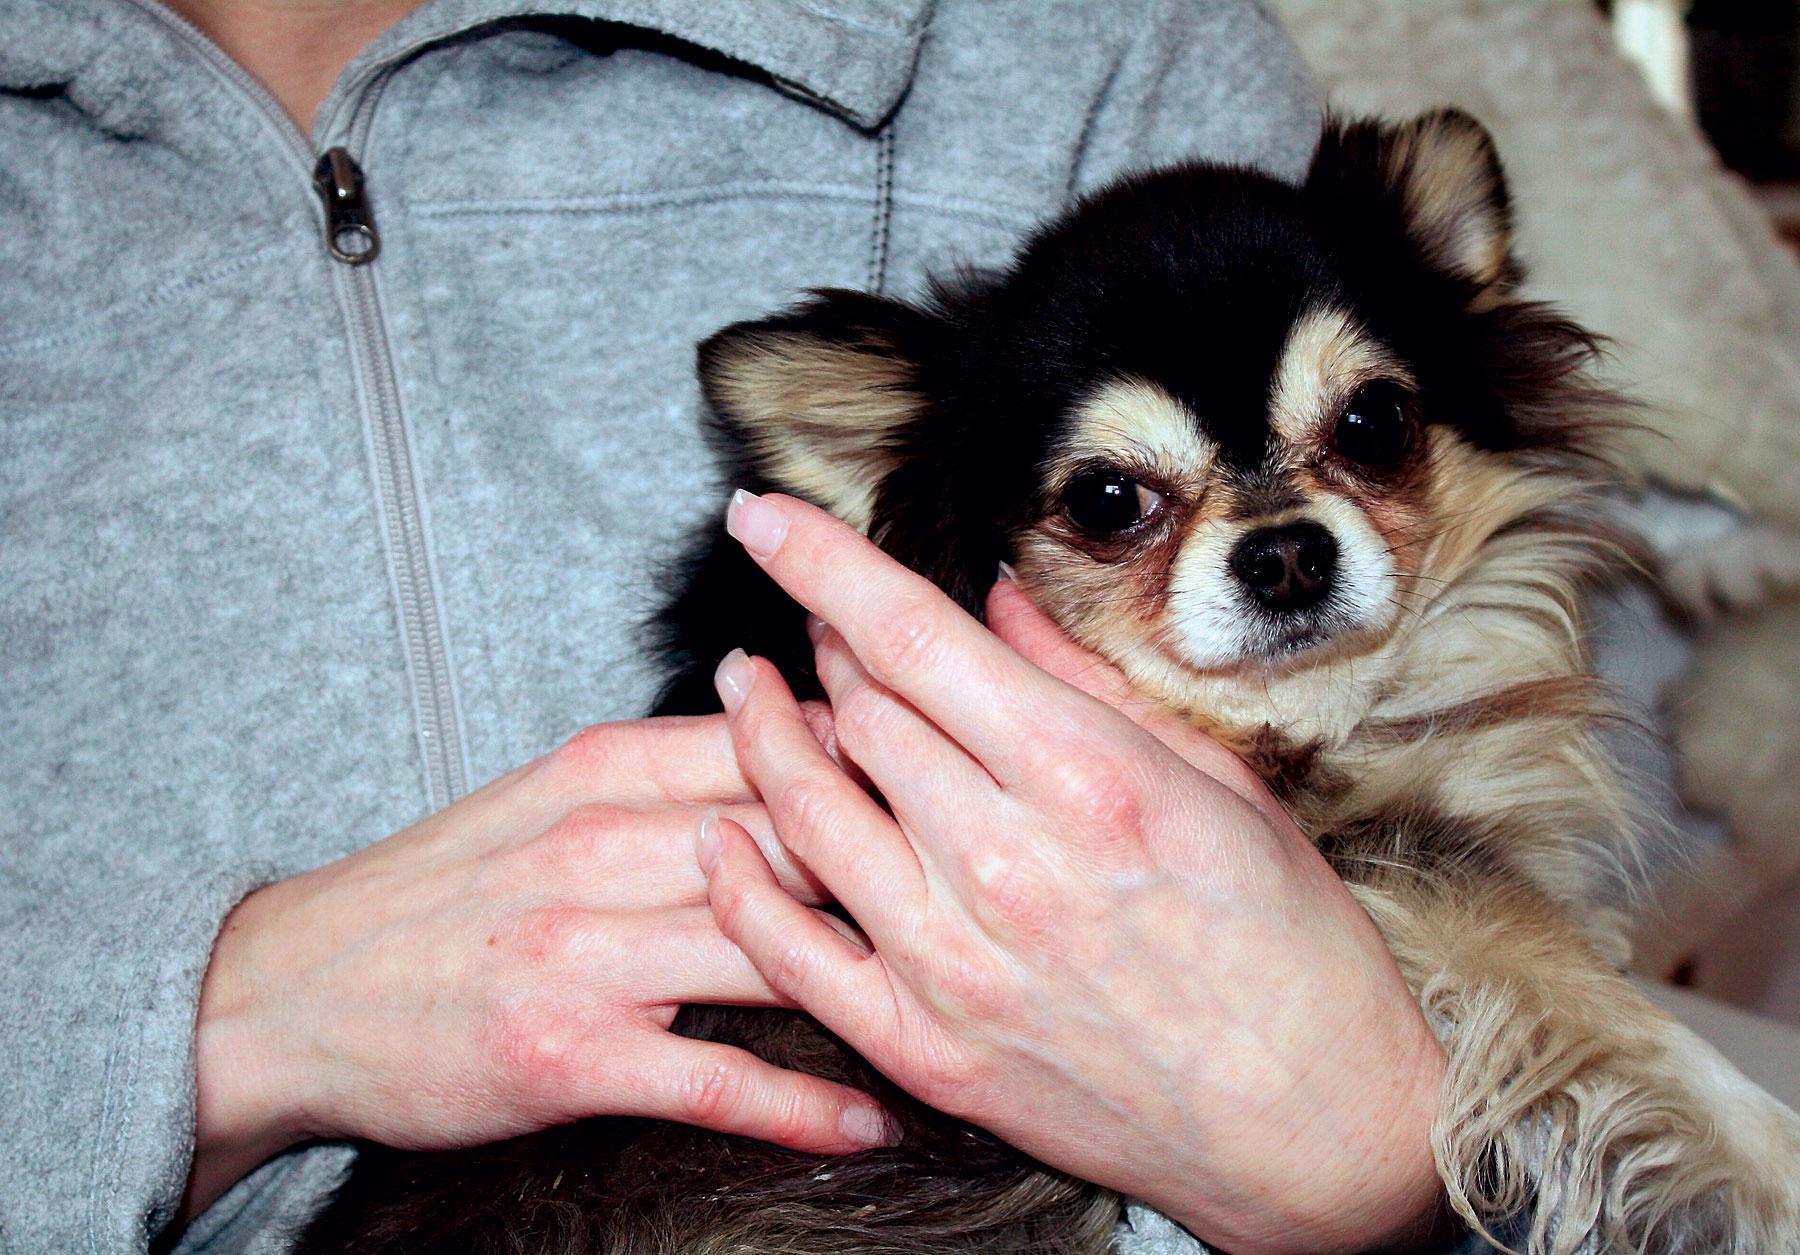 """kramar sin lånehund. Anna skäms över att hon lät sig luras av hundsmugglaren. """"Men jag kunde bara inte motstå valpen och ville inte att han skulle vara kvar hos mannen"""" säger hon."""